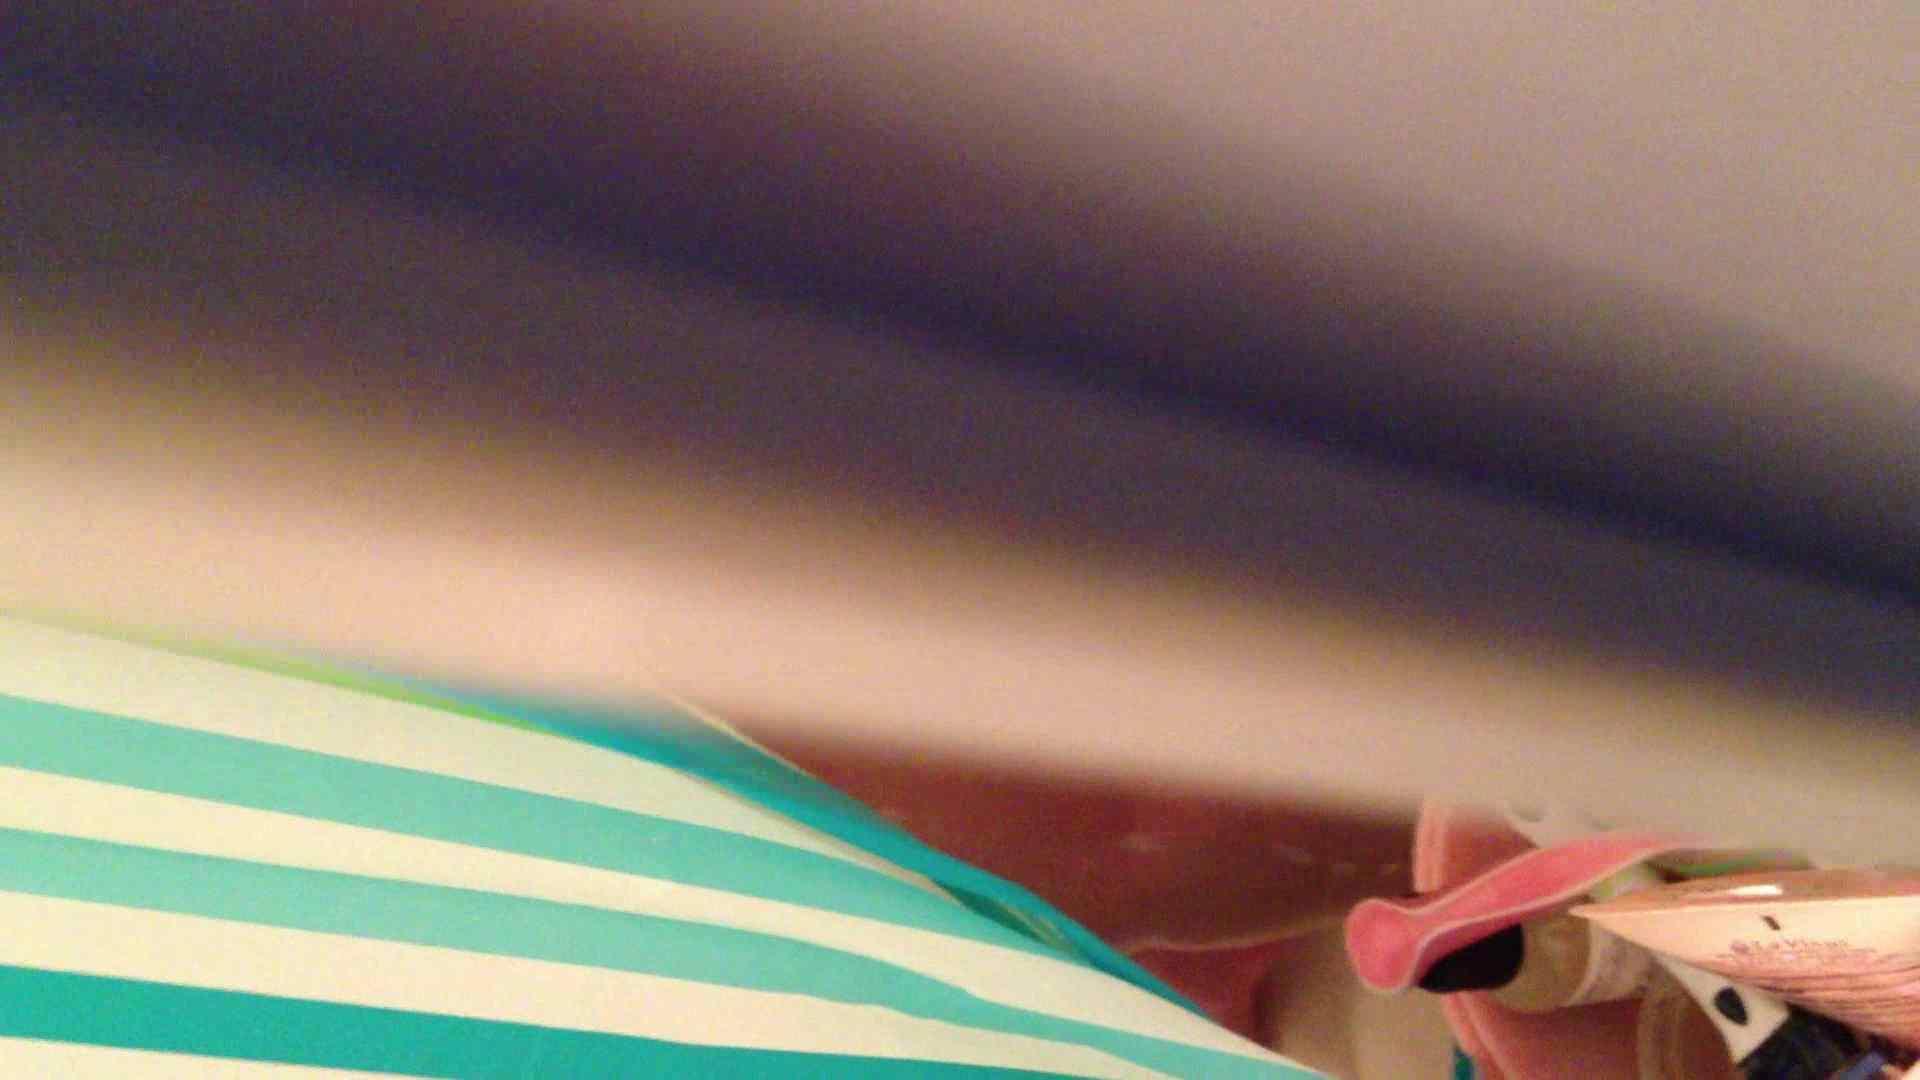 16(16日目)シャワー中にムダ毛処理をする彼女 パイパン映像  100pic 36